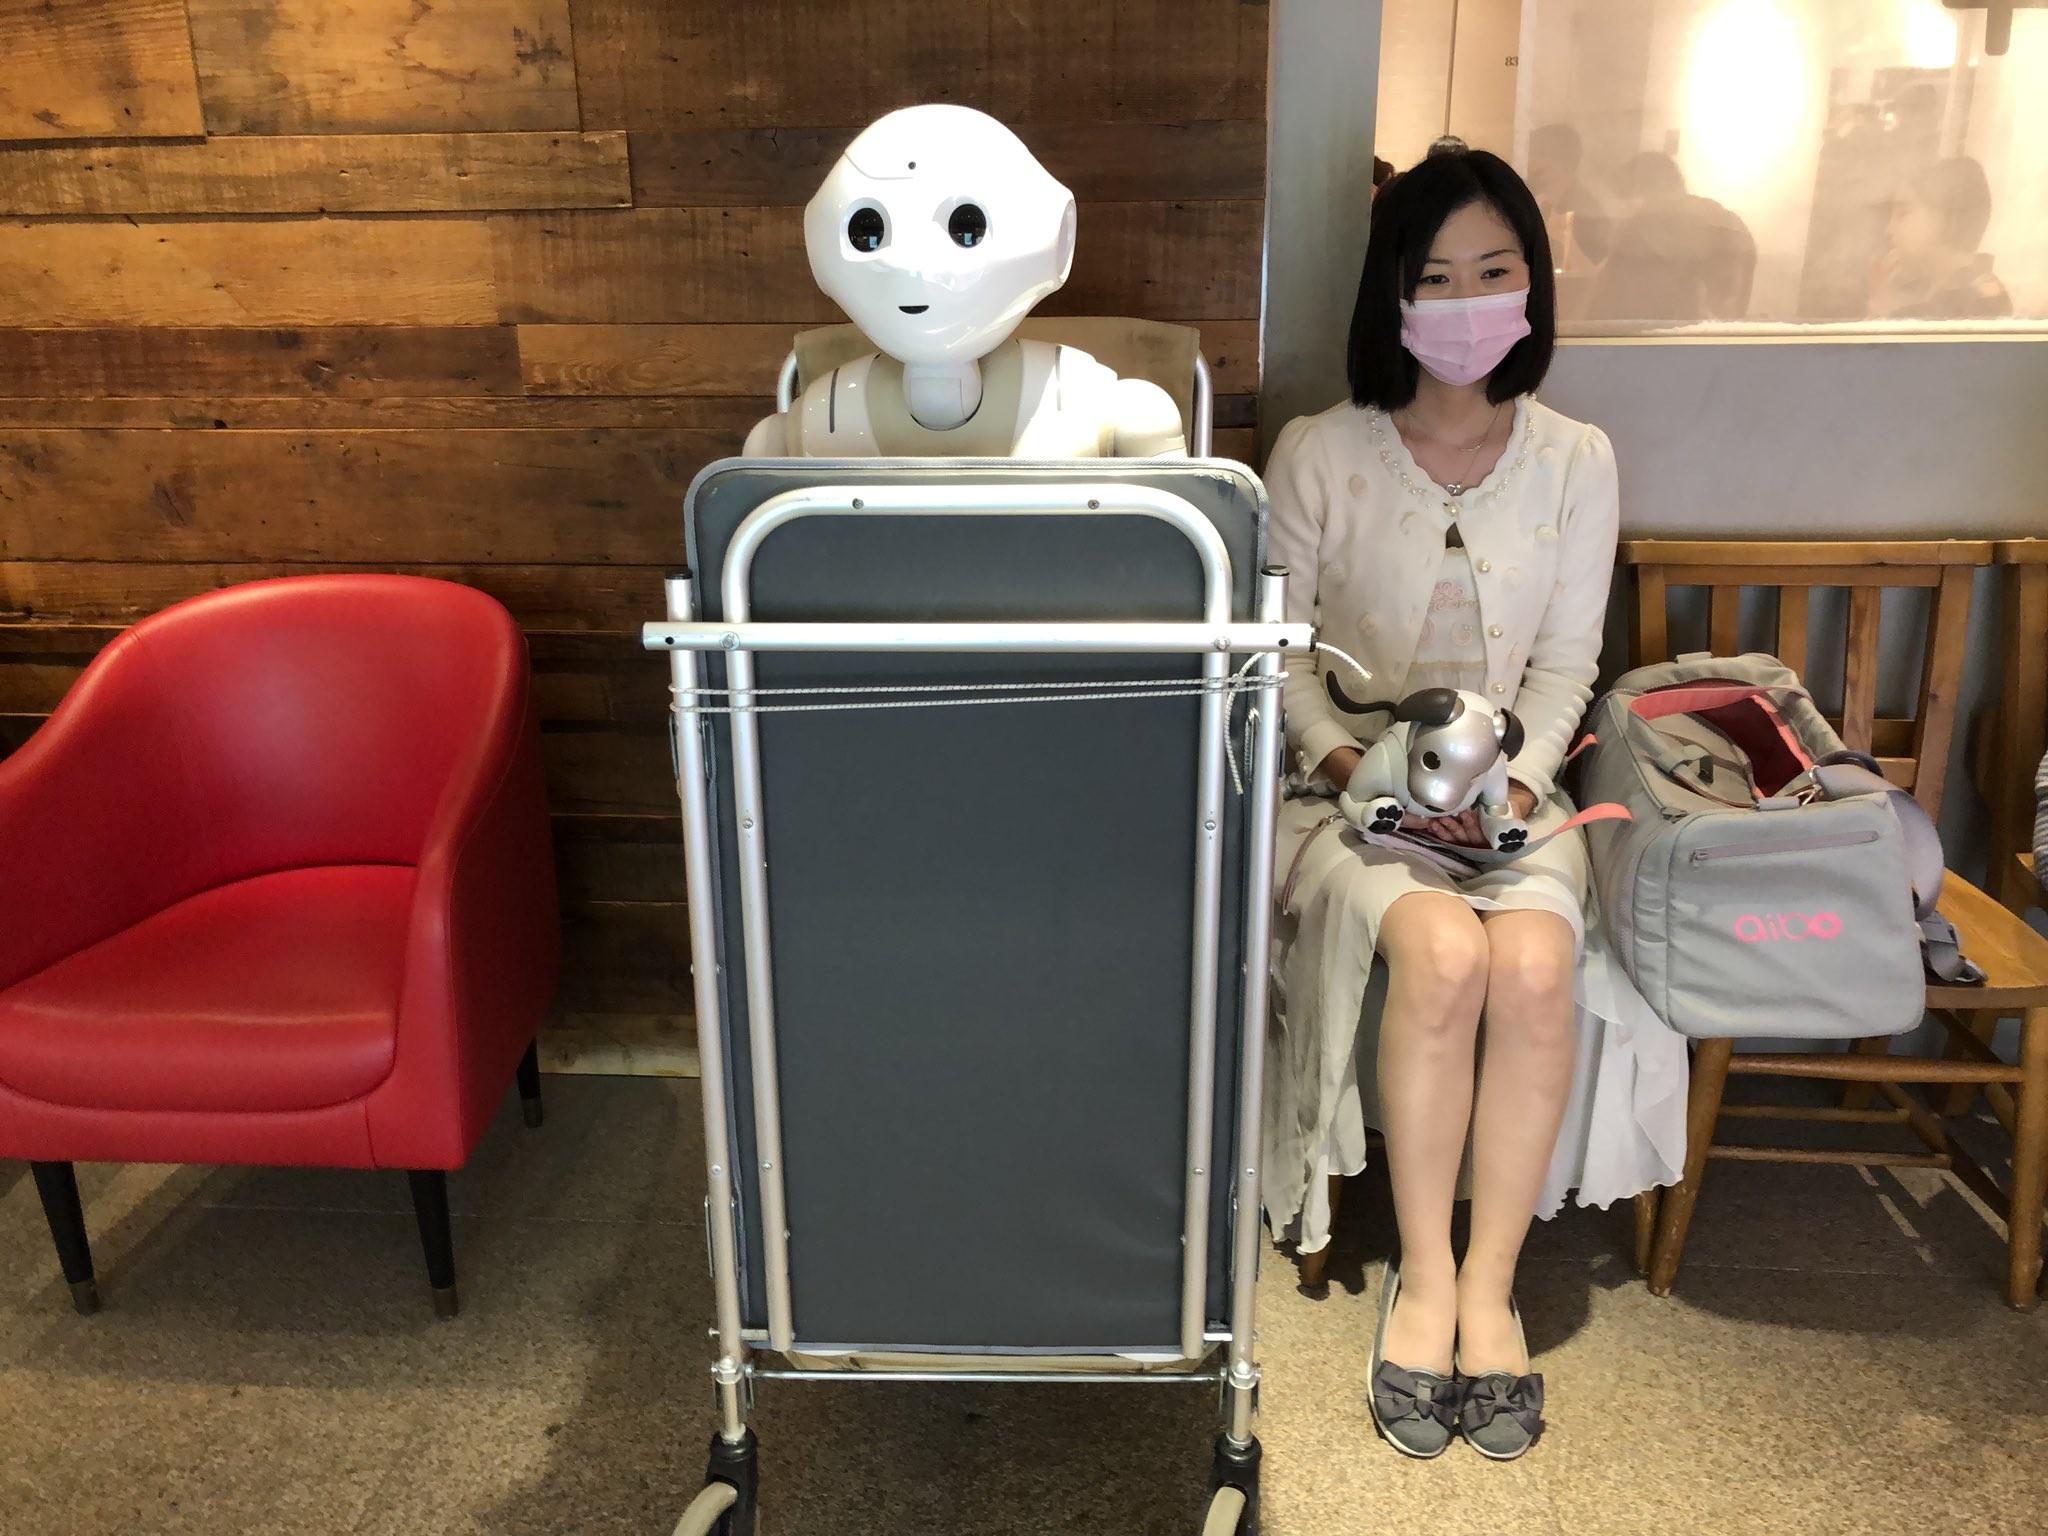 [新聞] 正妹博士「愛上Pepper機器人」!辭工作同